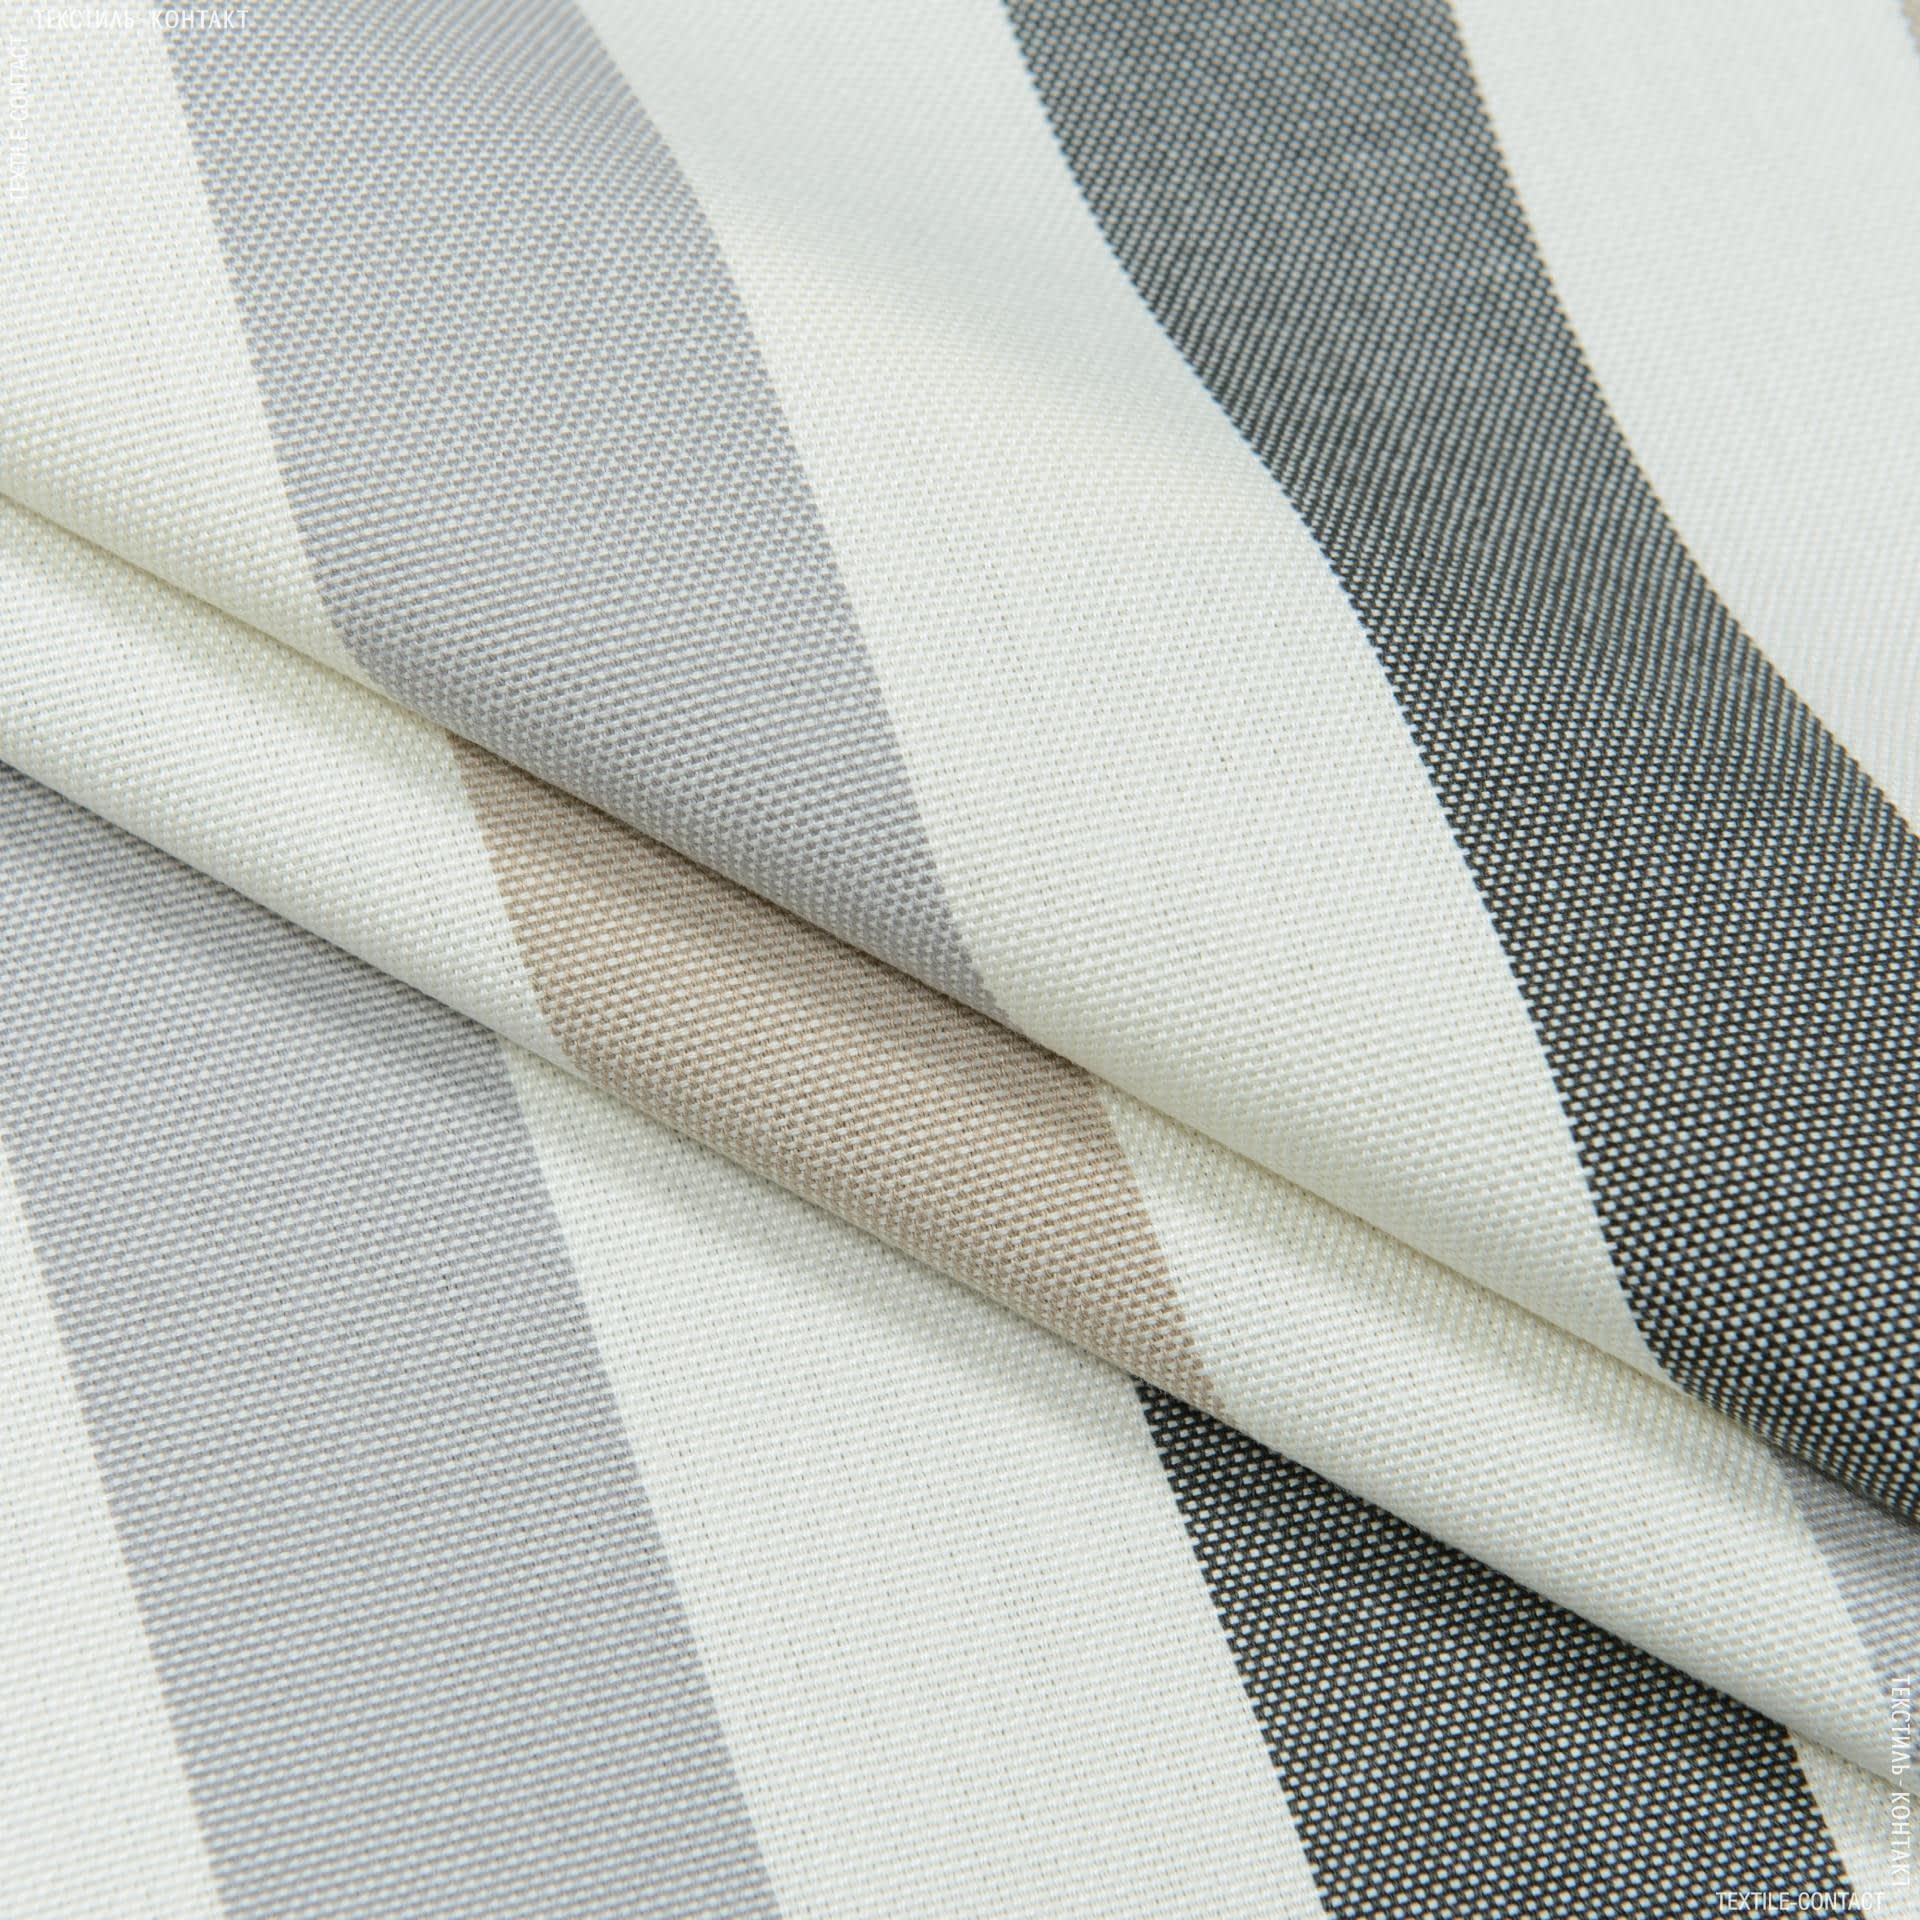 Ткани портьерные ткани - Дралон полоса панама  / крем , беж, серый  FRBS1